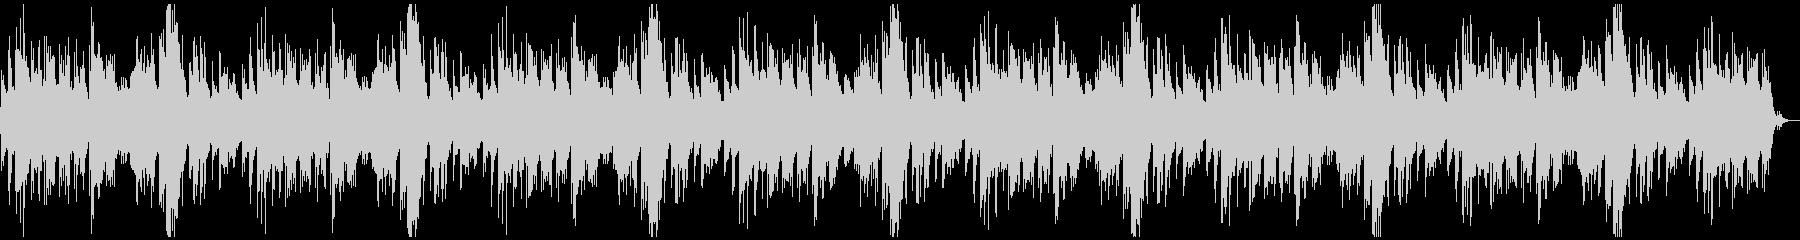 センチメンタルなピアノが力強いBGMの未再生の波形